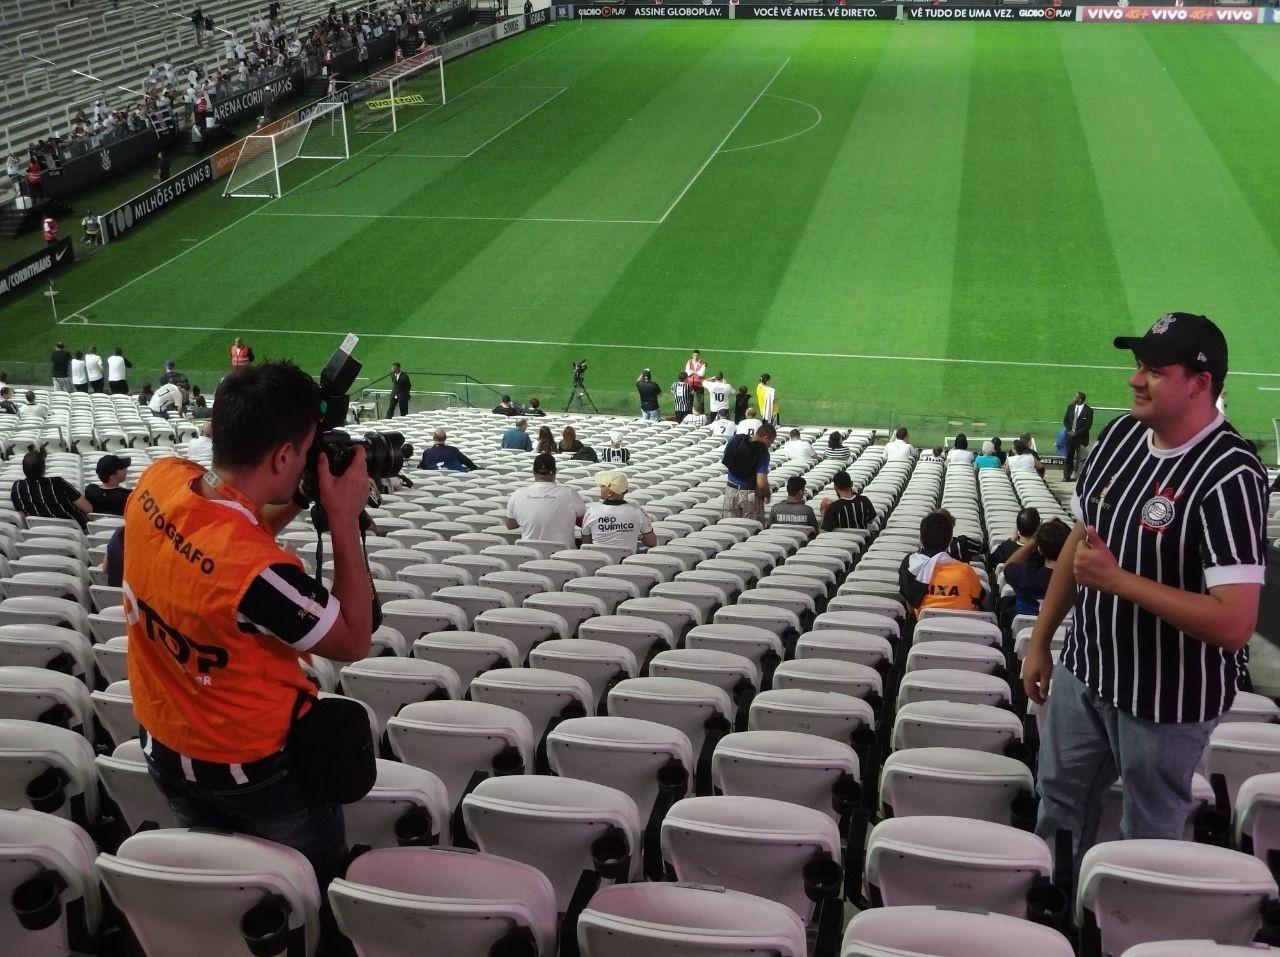 Arena Corinthians oferece um serviço de fotos dos torcedores nas arquibancadas.